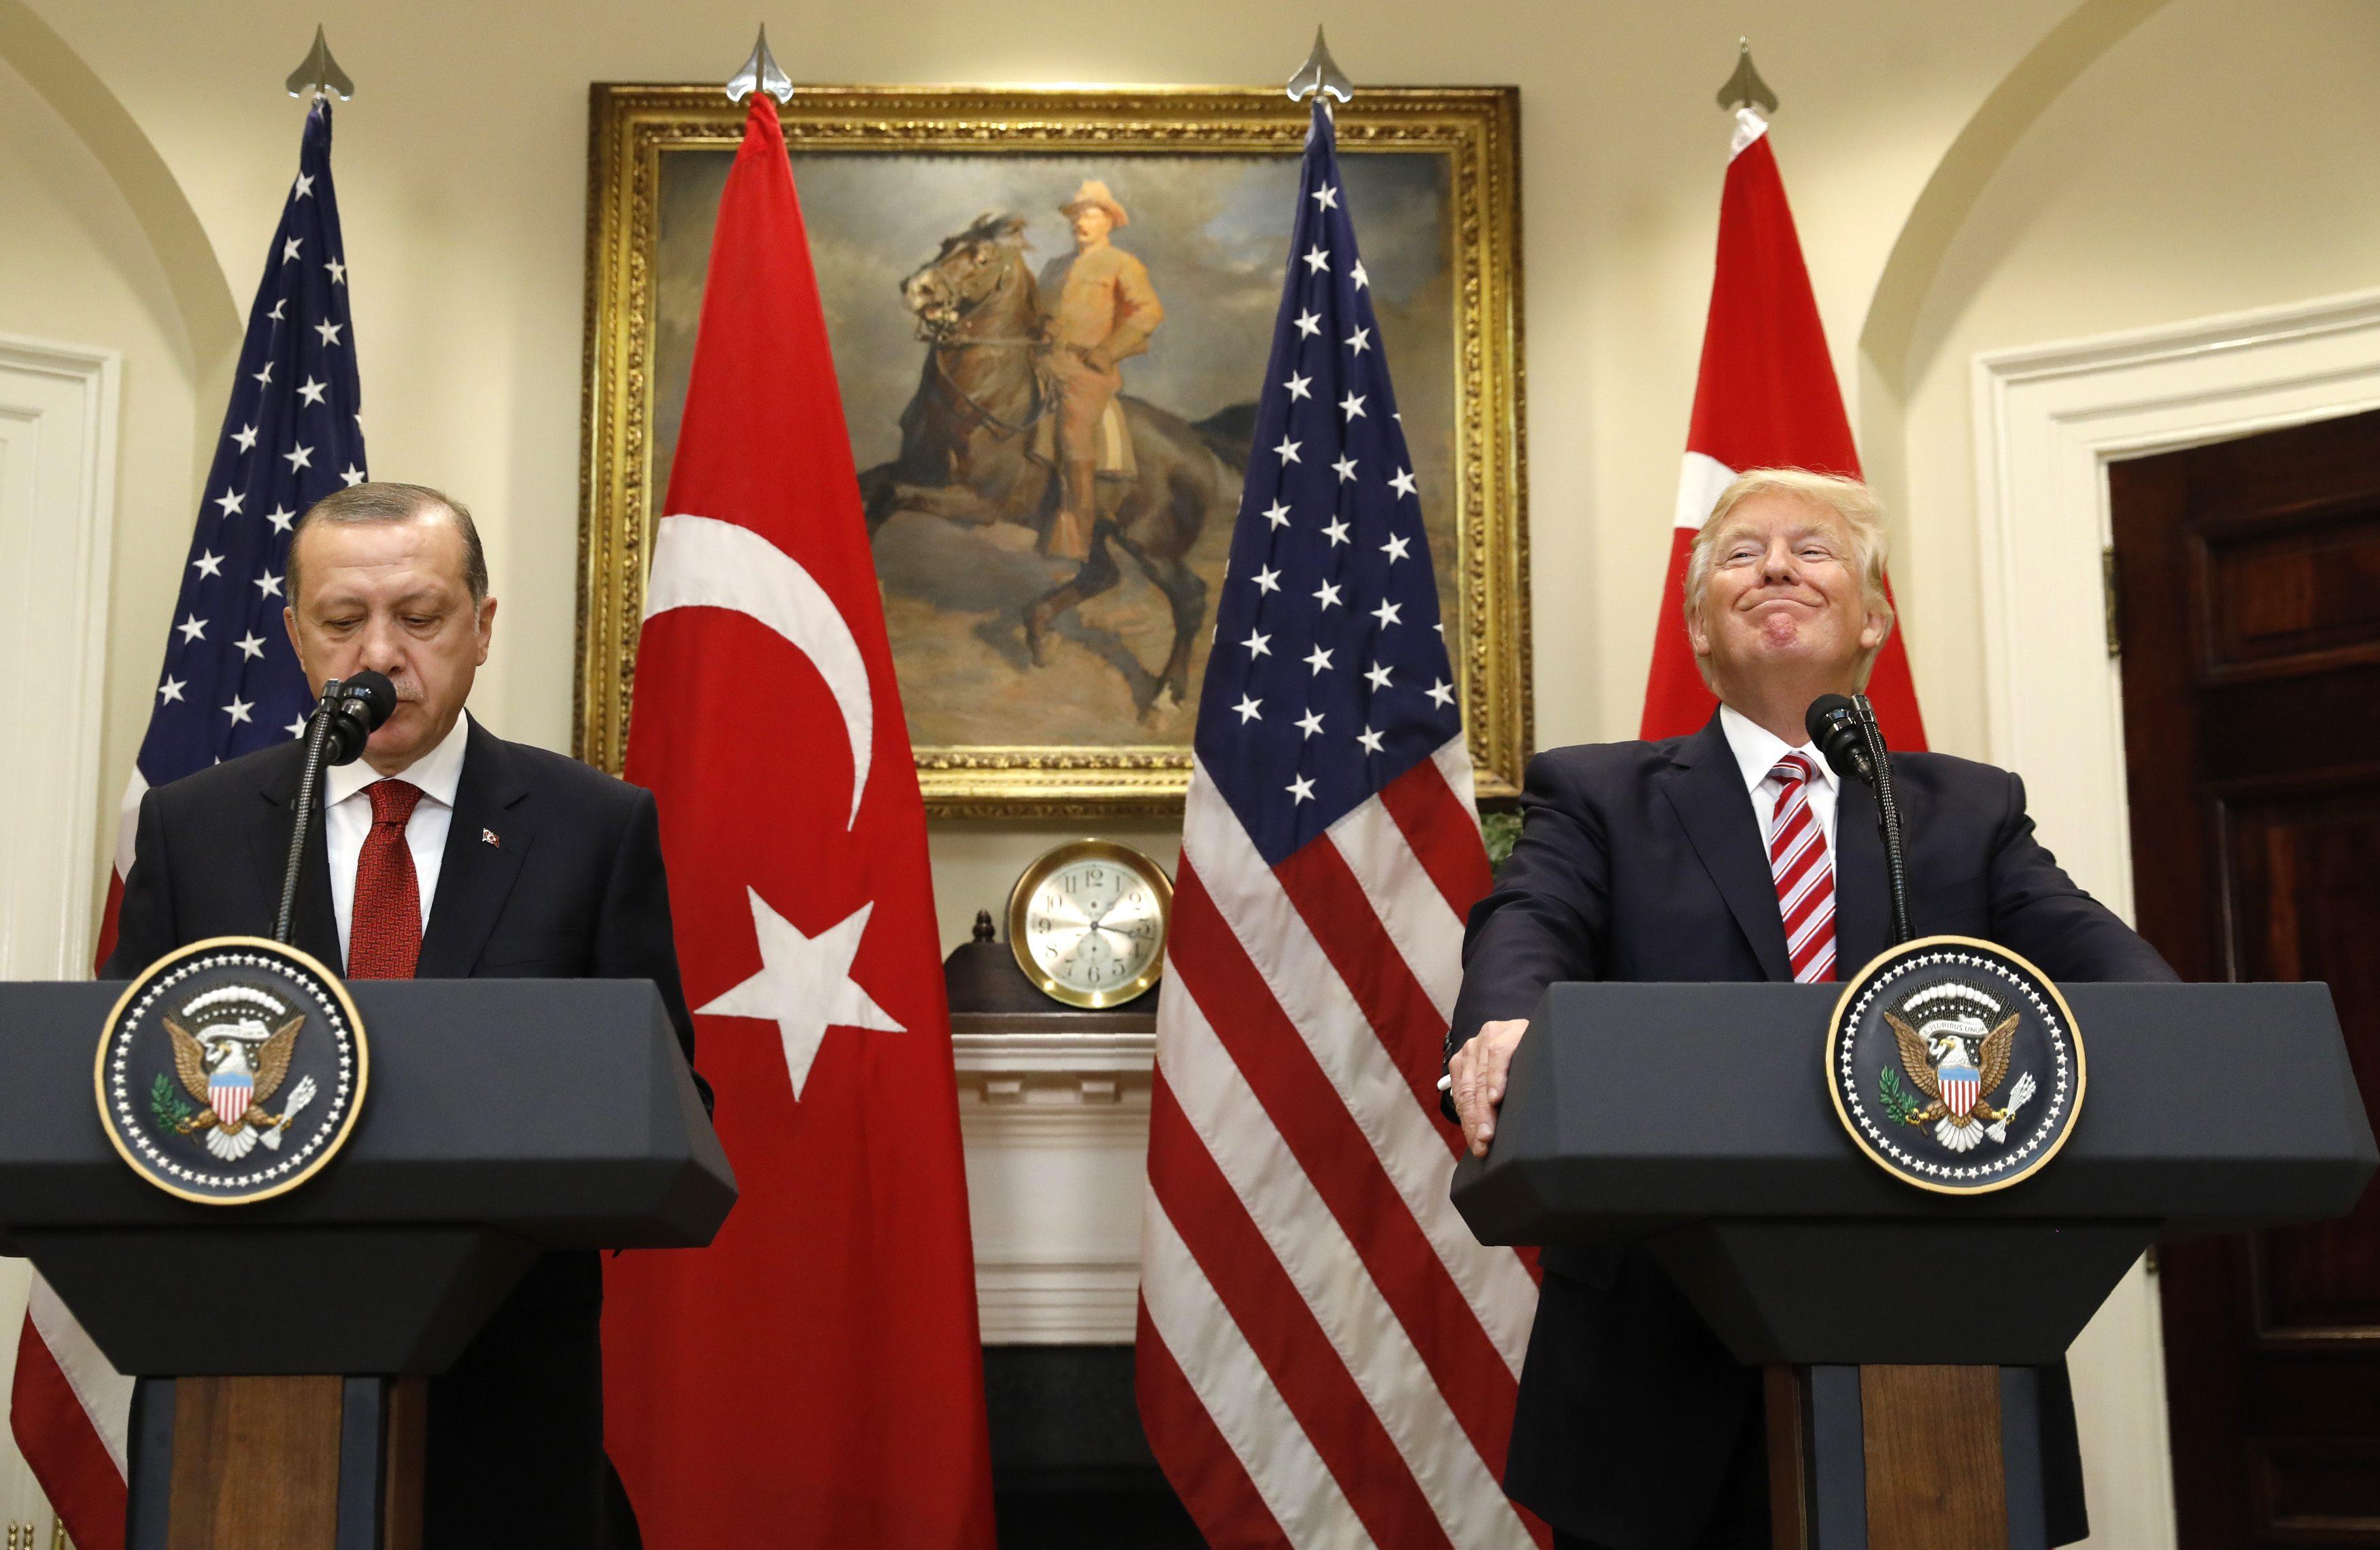 2017 05 16T172400Z 1246724654 HP1ED5G1CBZBZ RTRMADP 3 USA TURKEY